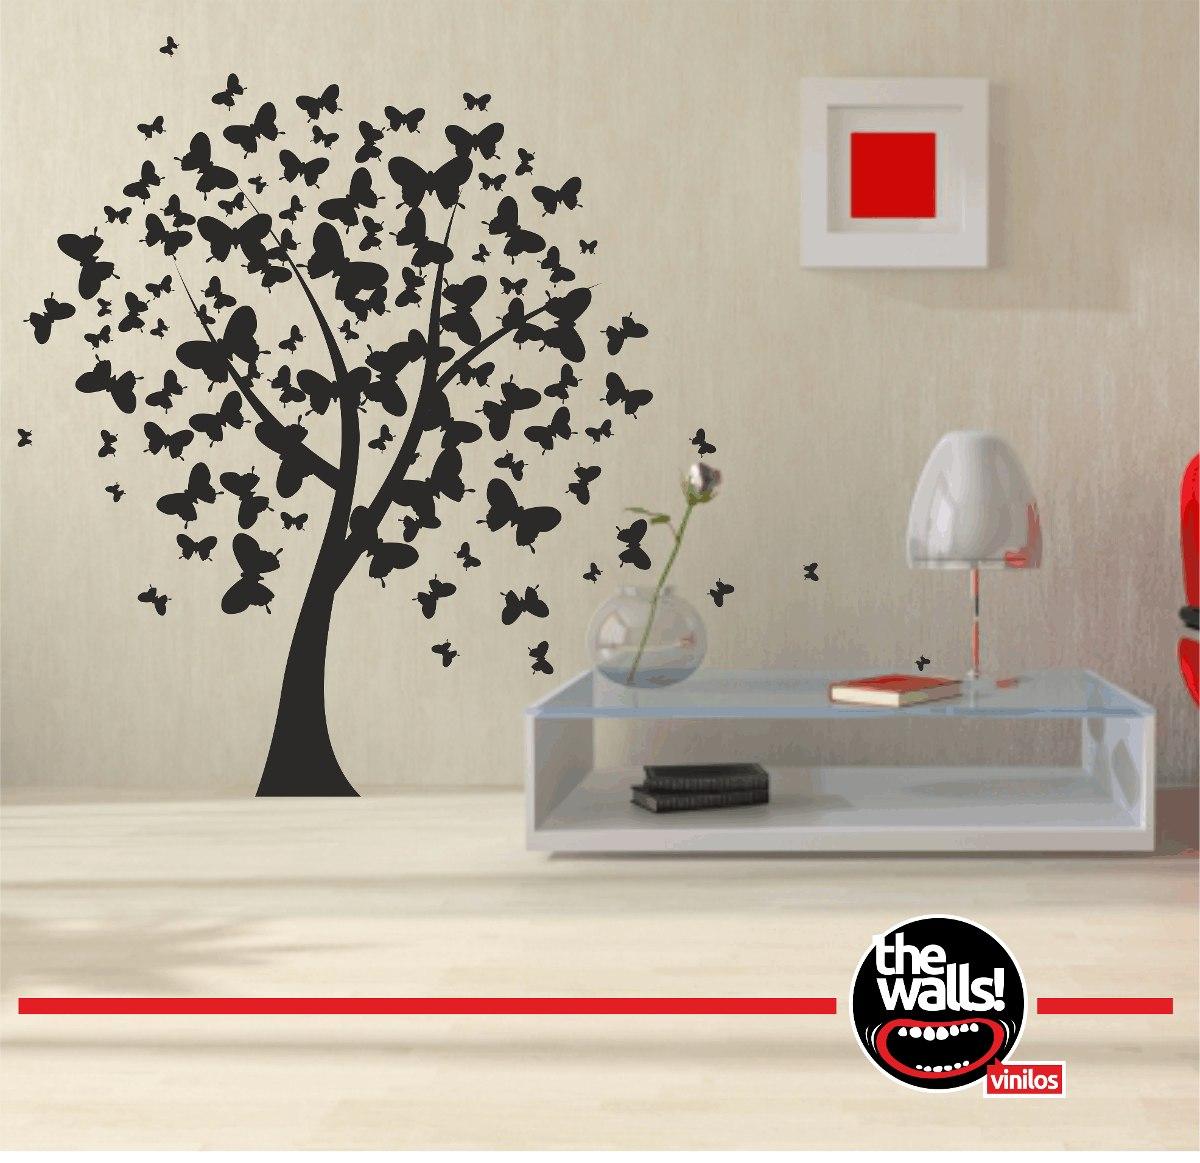 Gusmark publicidad interior exterior montajes y for Vinilos decorativos df